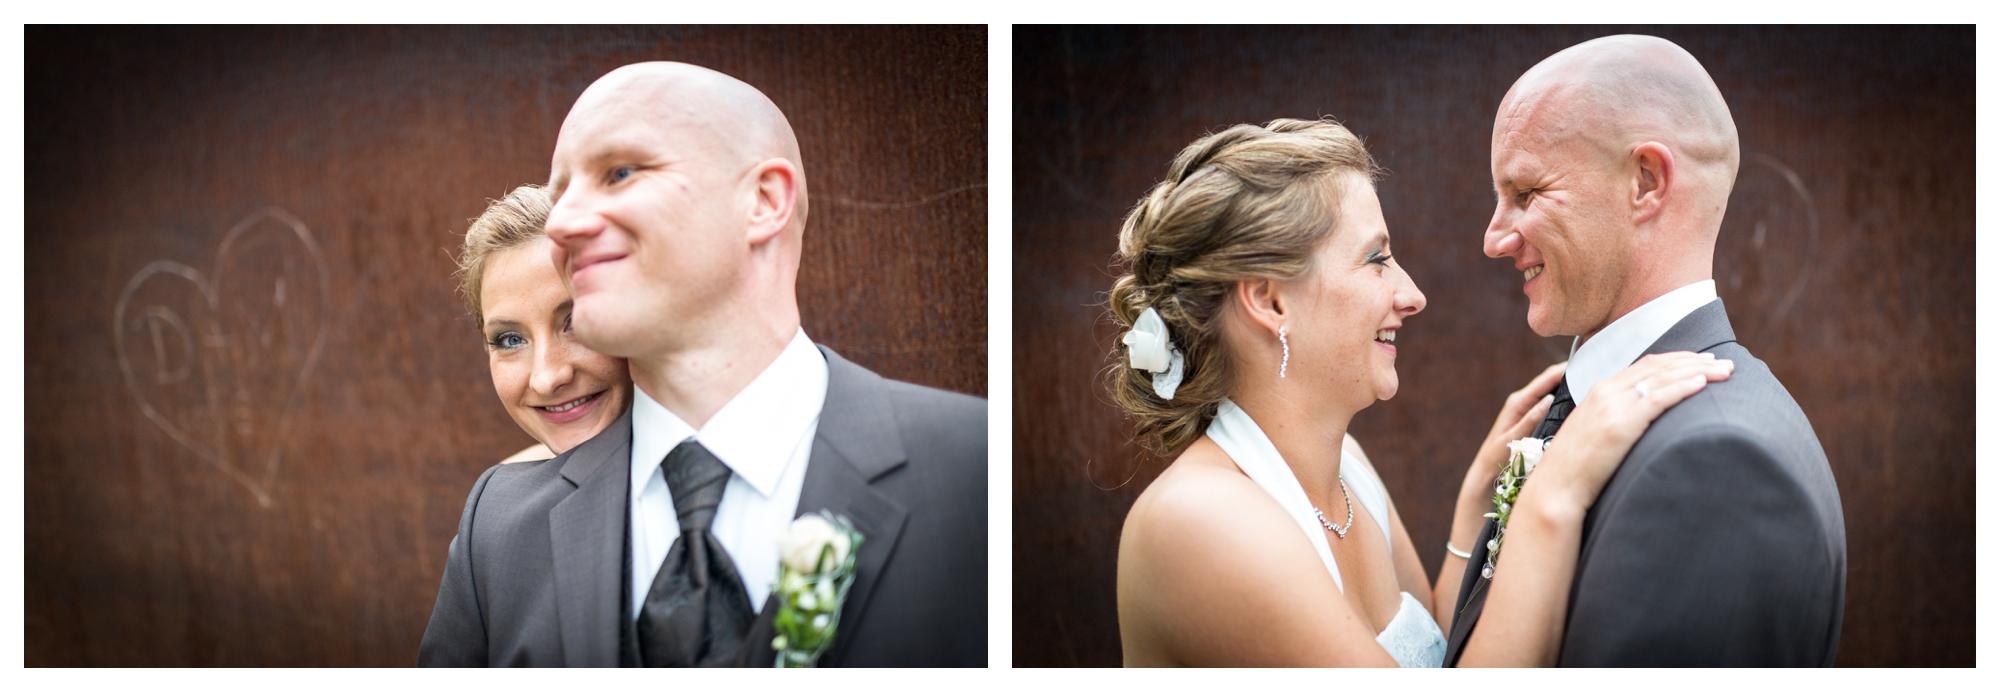 Fotograf Konstanz - Als Hochzeitsfotograf in Bad Dürrheim unterwegs  - 43 -